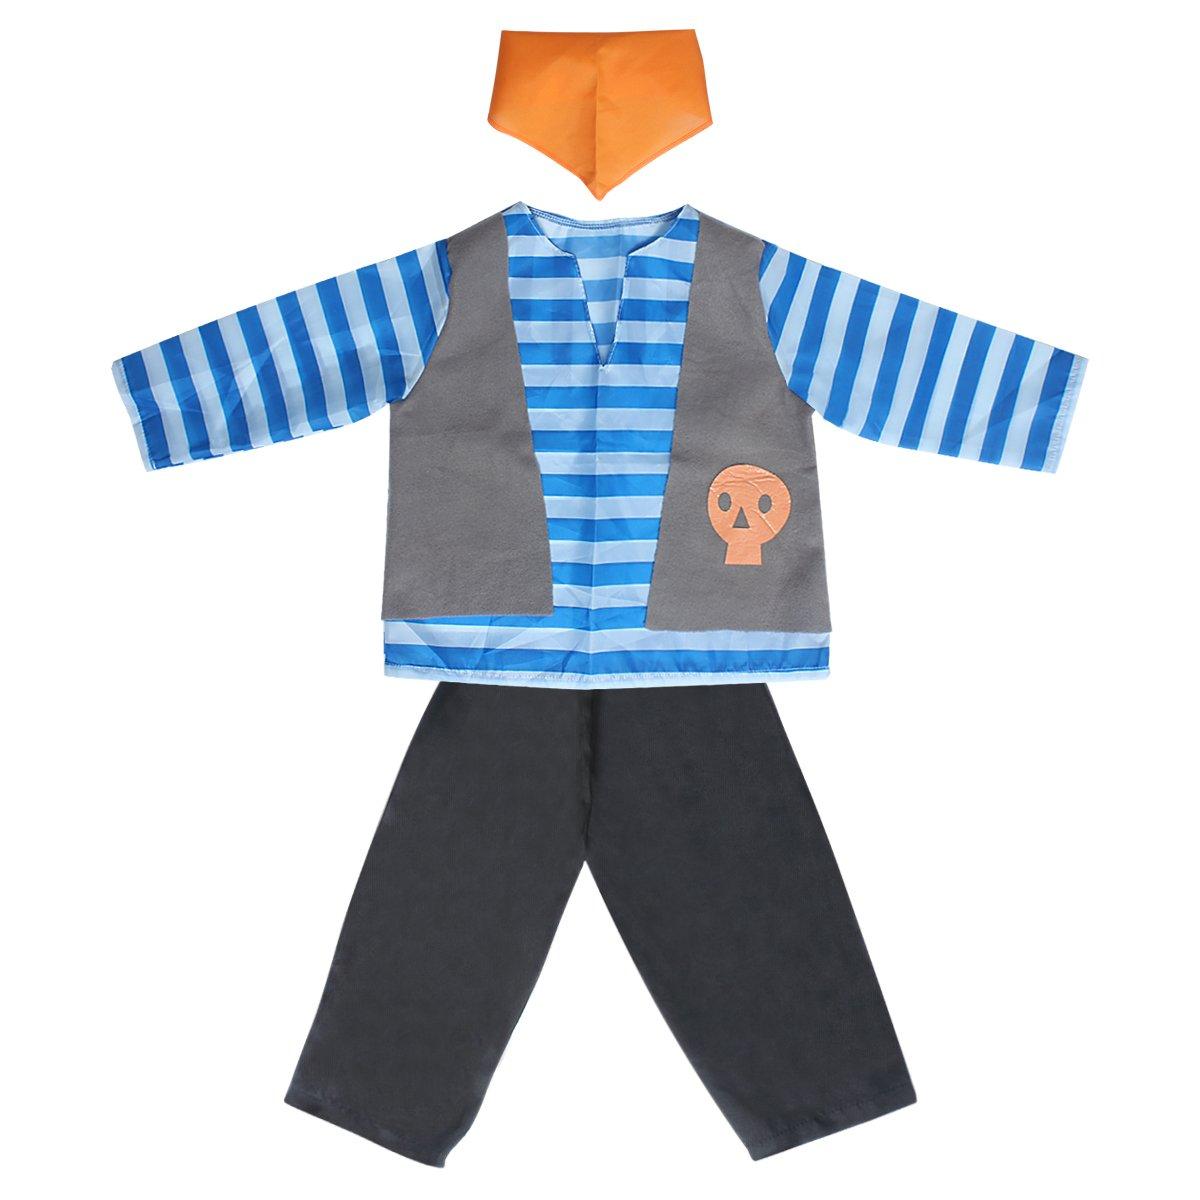 Amazon.com: Sinuo - Conjunto de disfraz para niño, juego de ...